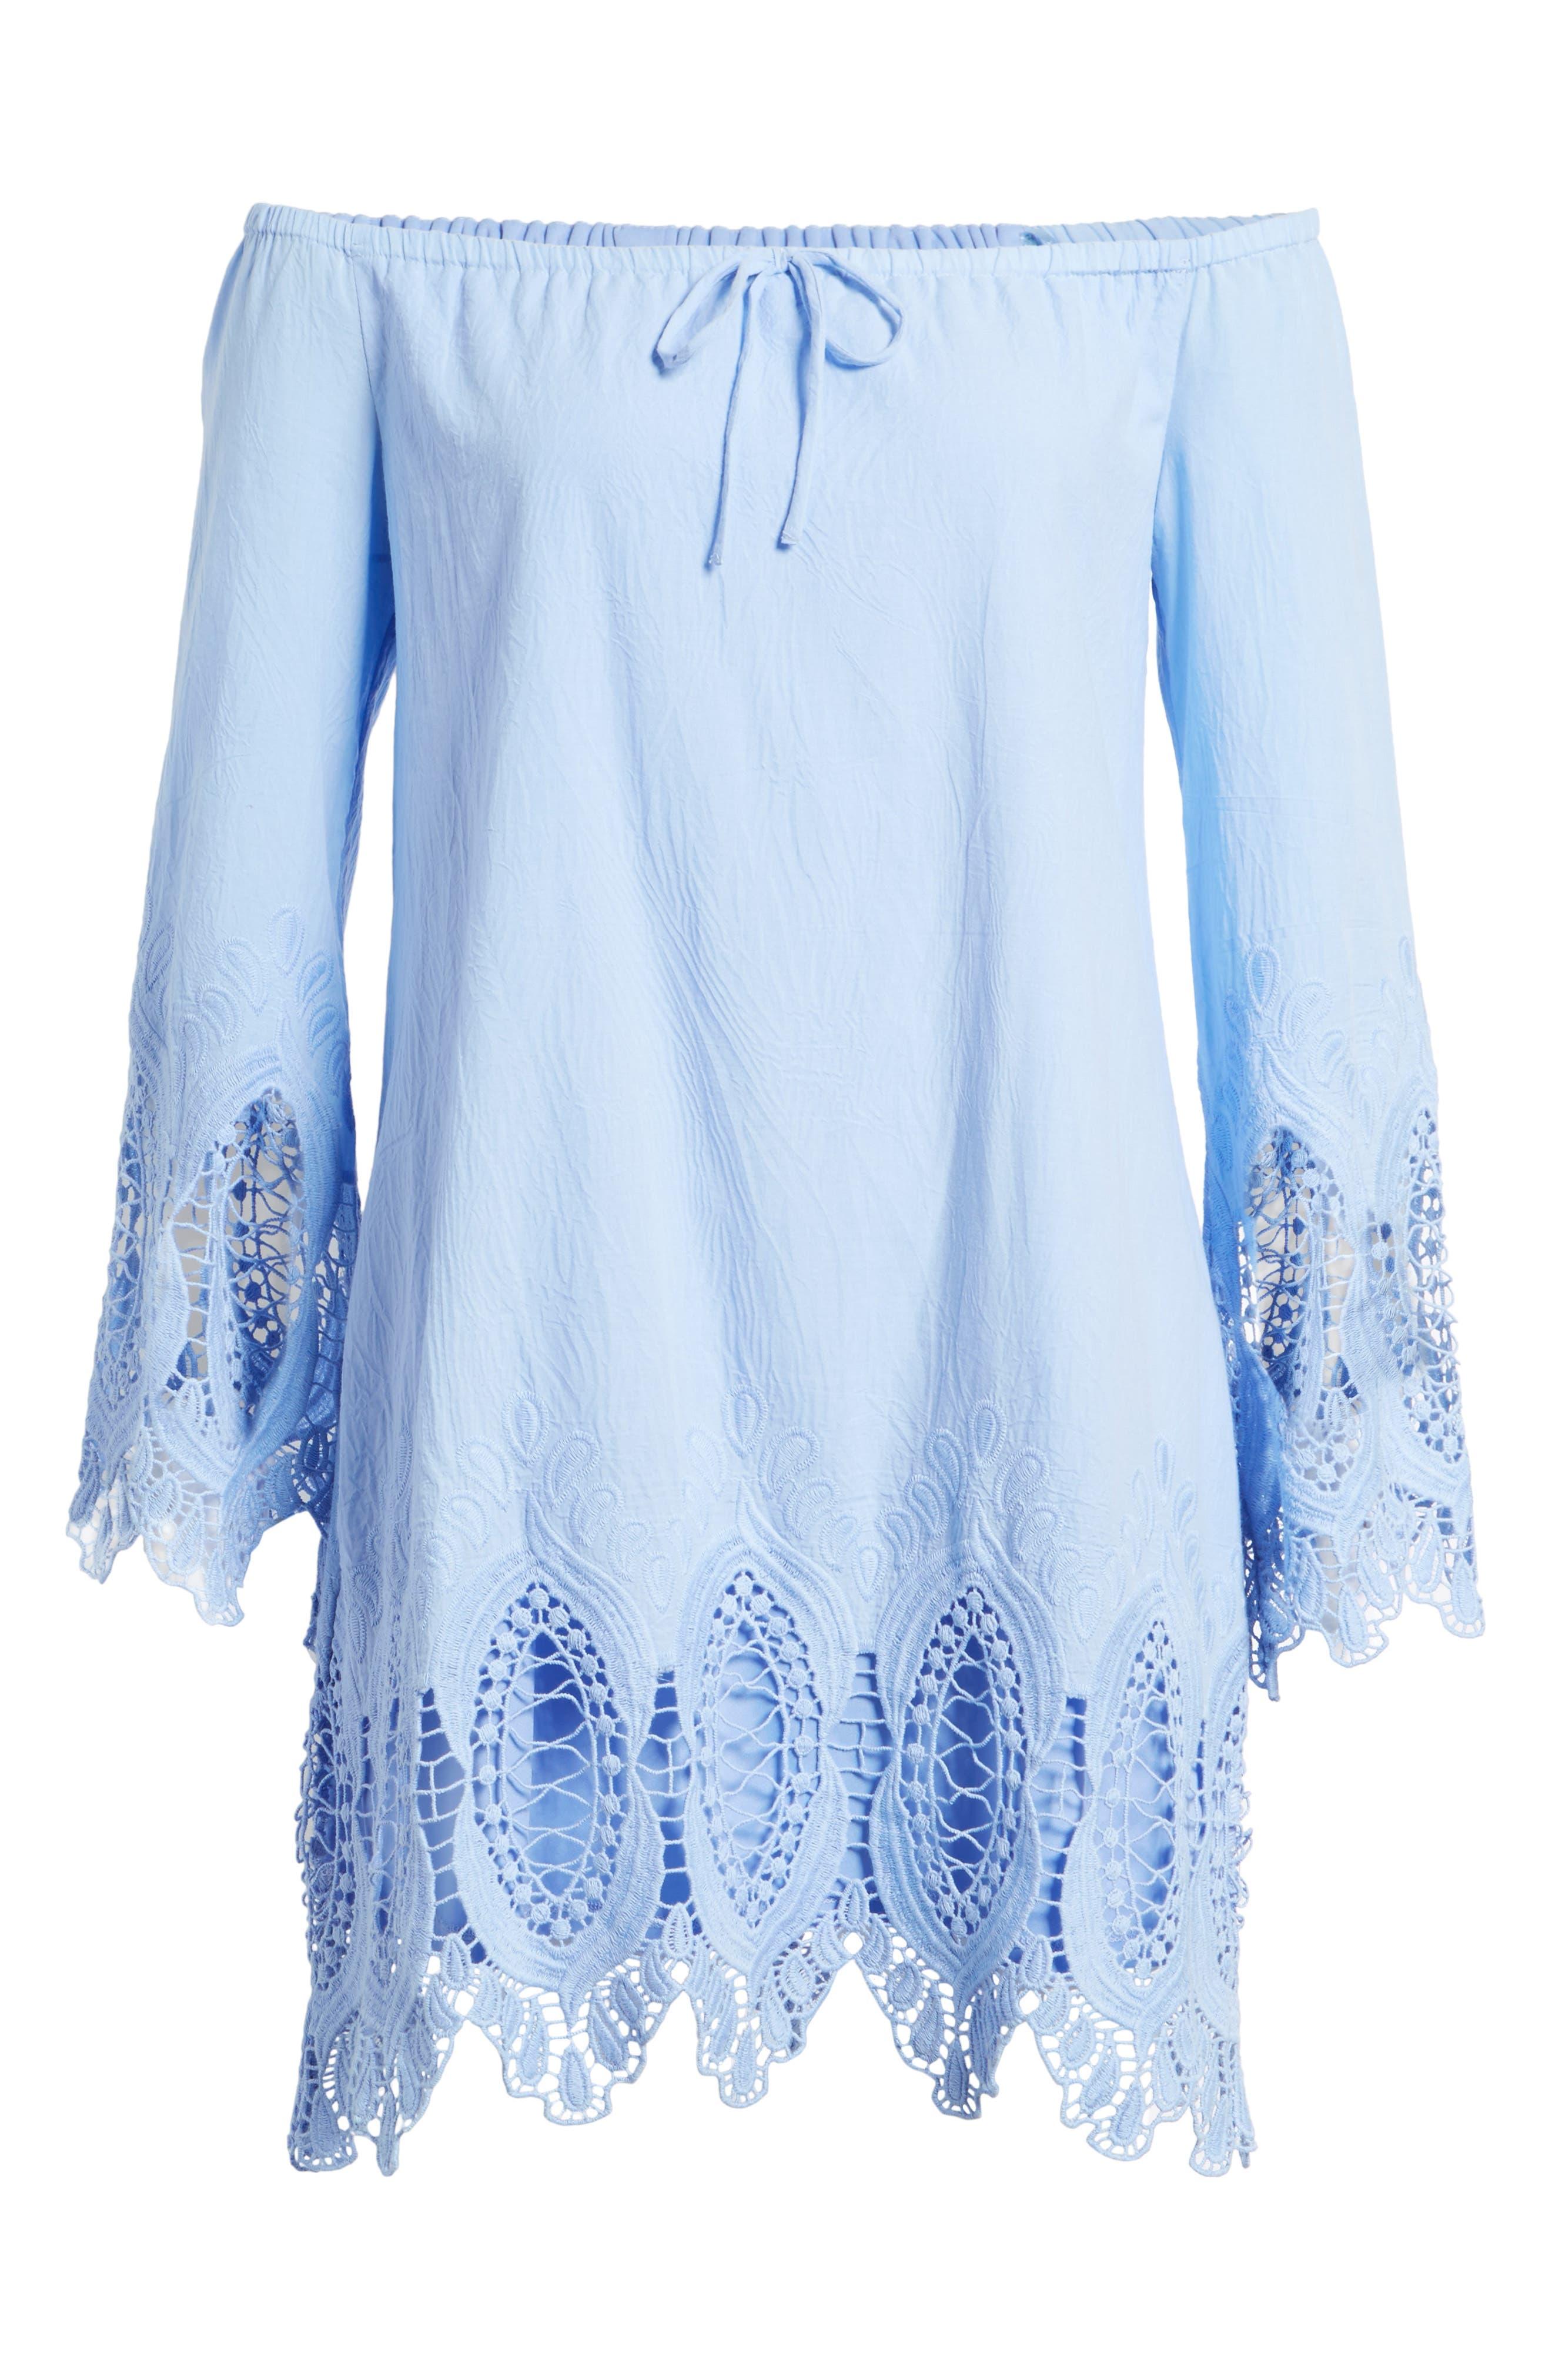 Lace Trim Off the Shoulder Dress,                             Alternate thumbnail 6, color,                             Blue Powder